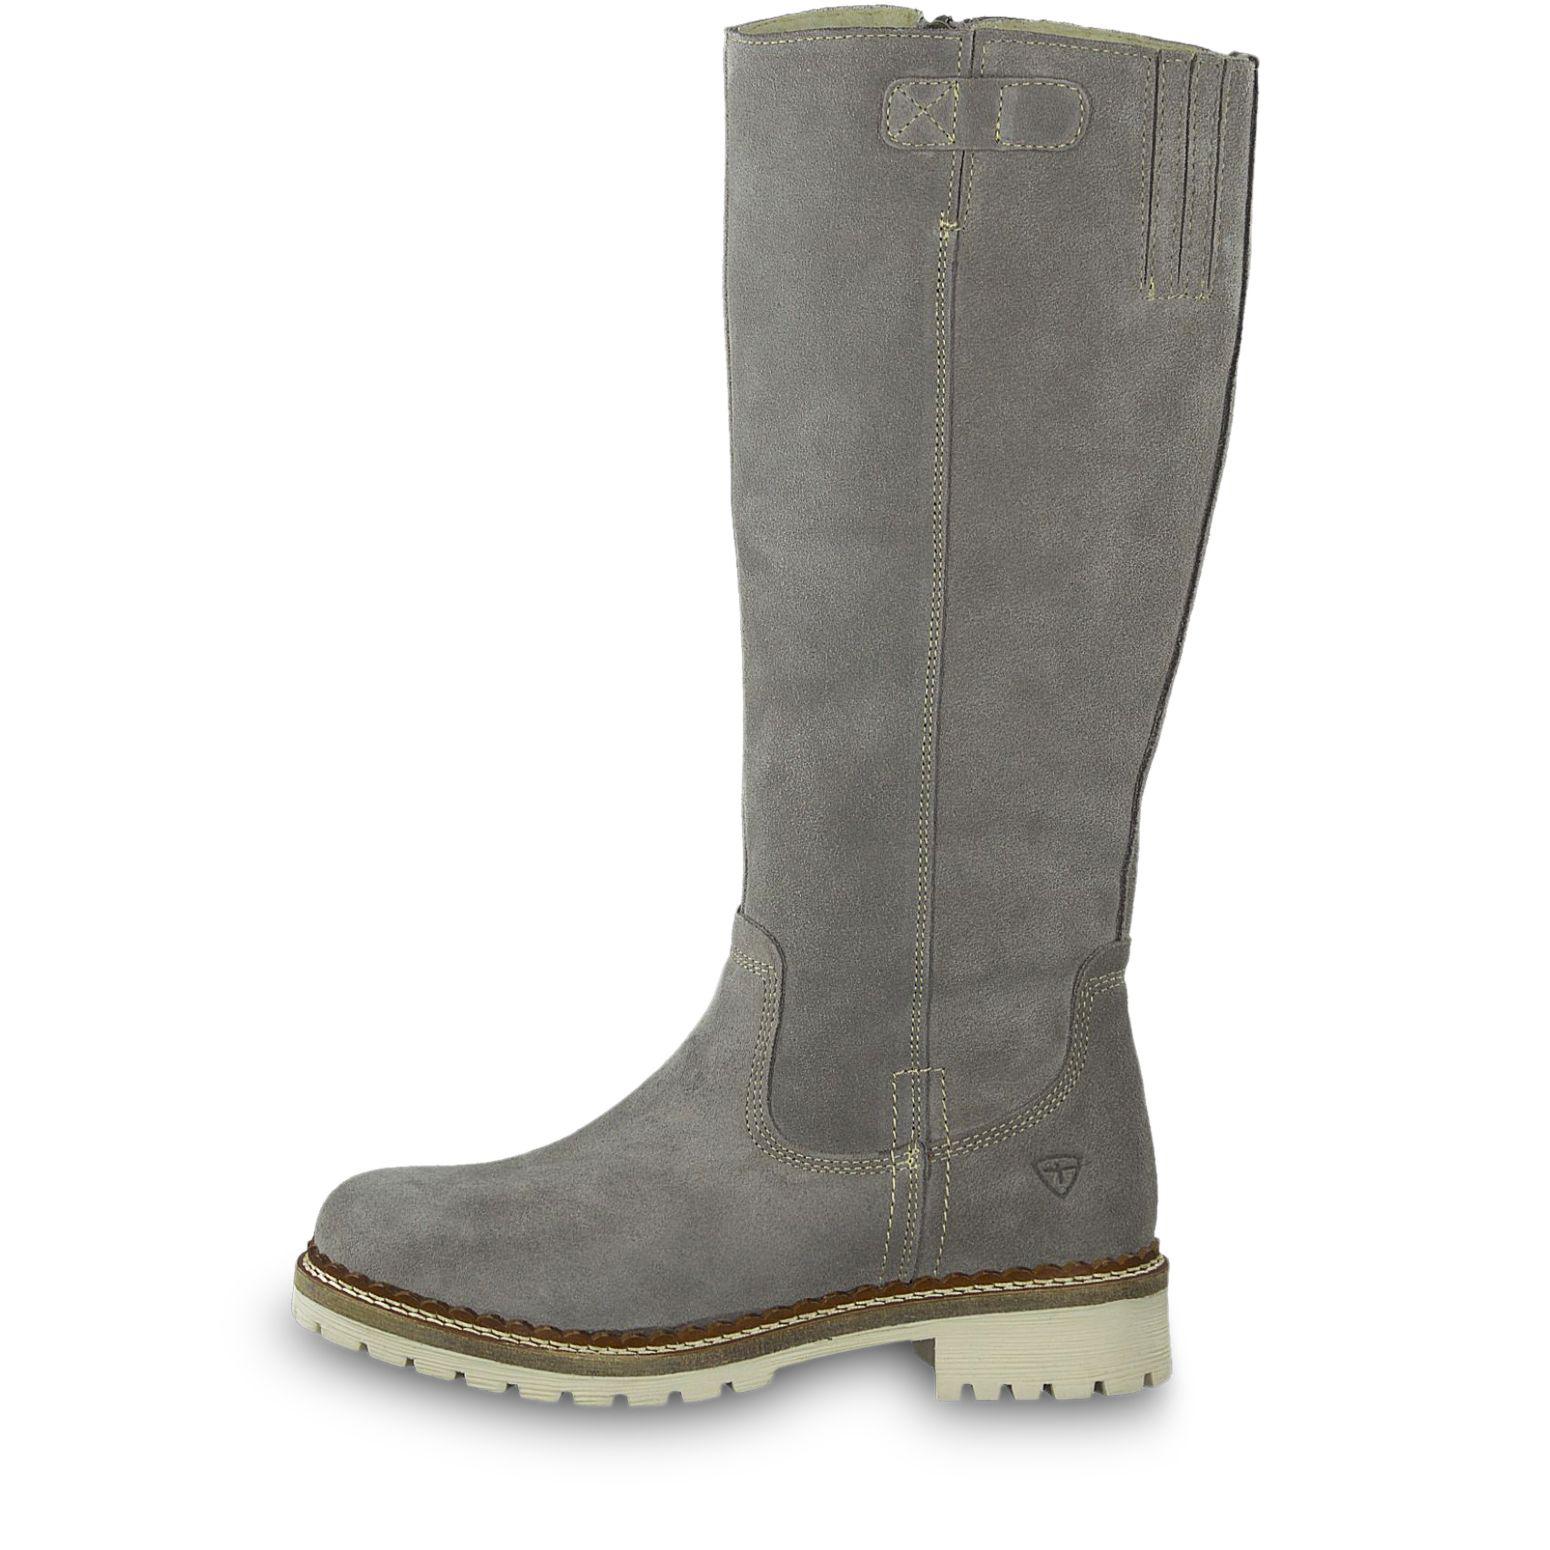 tamaris damen 26076 combat boots grau grey comb 221 38. Black Bedroom Furniture Sets. Home Design Ideas